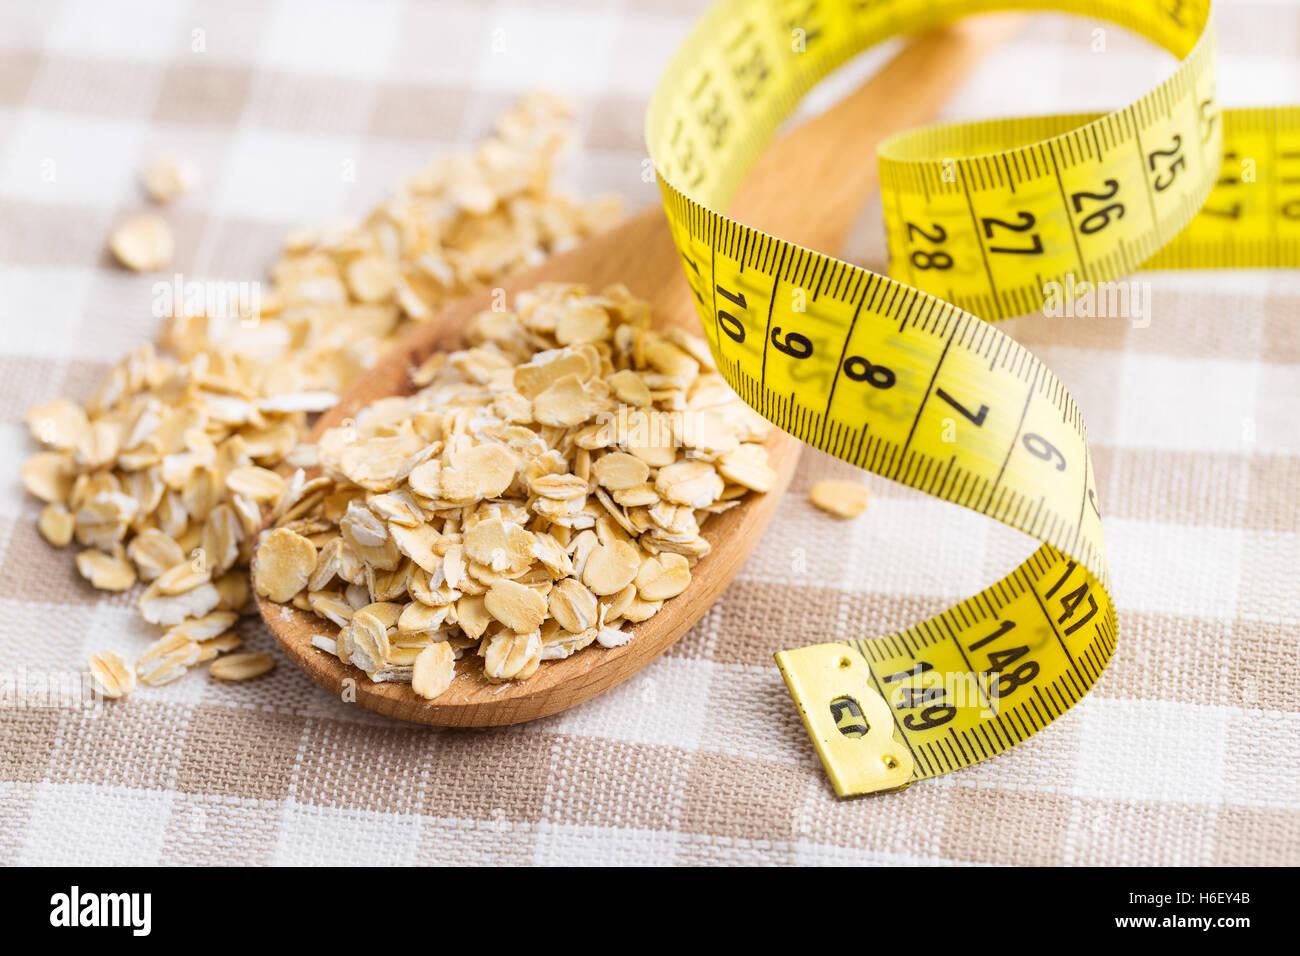 Das Diät-Konzept. Haferflocken und ein Maßband. Stockbild